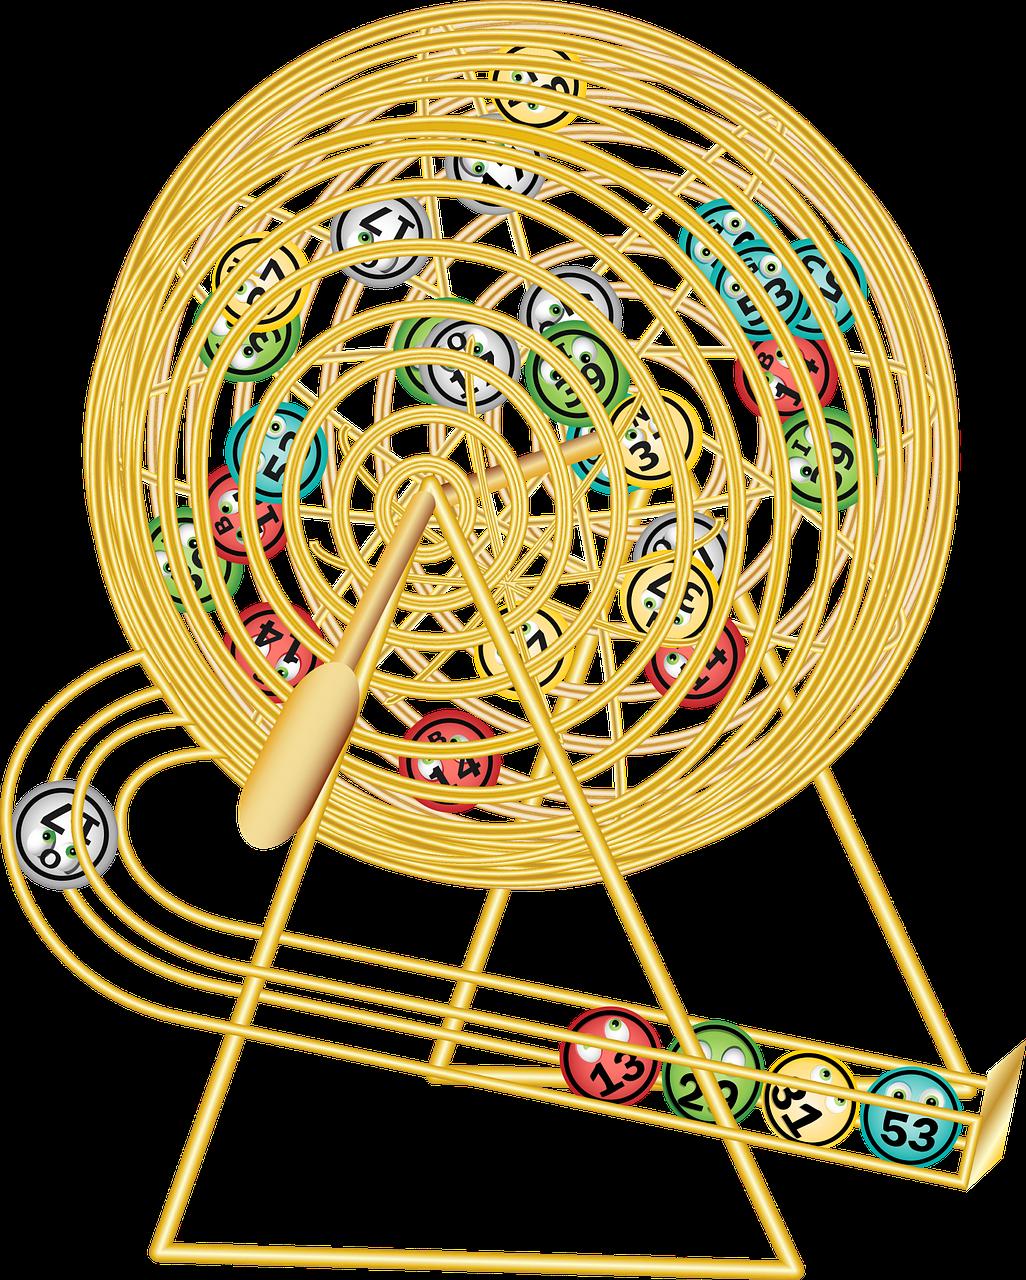 Kilka ciekawostek odnośnie wyników losowania Lotto